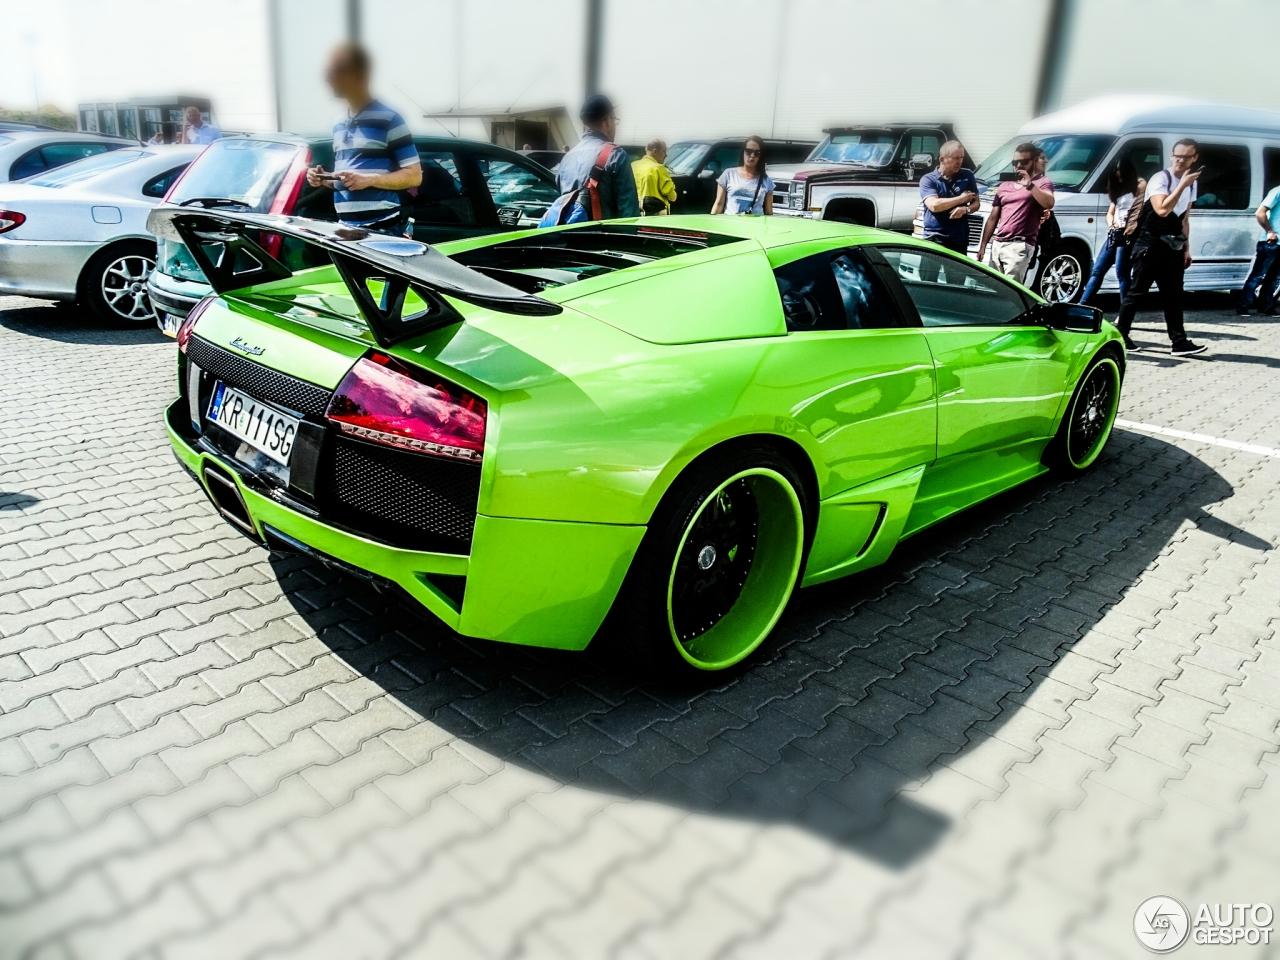 Lamborghini Murciélago LP640 - 26 luty 2017 - Autogespot